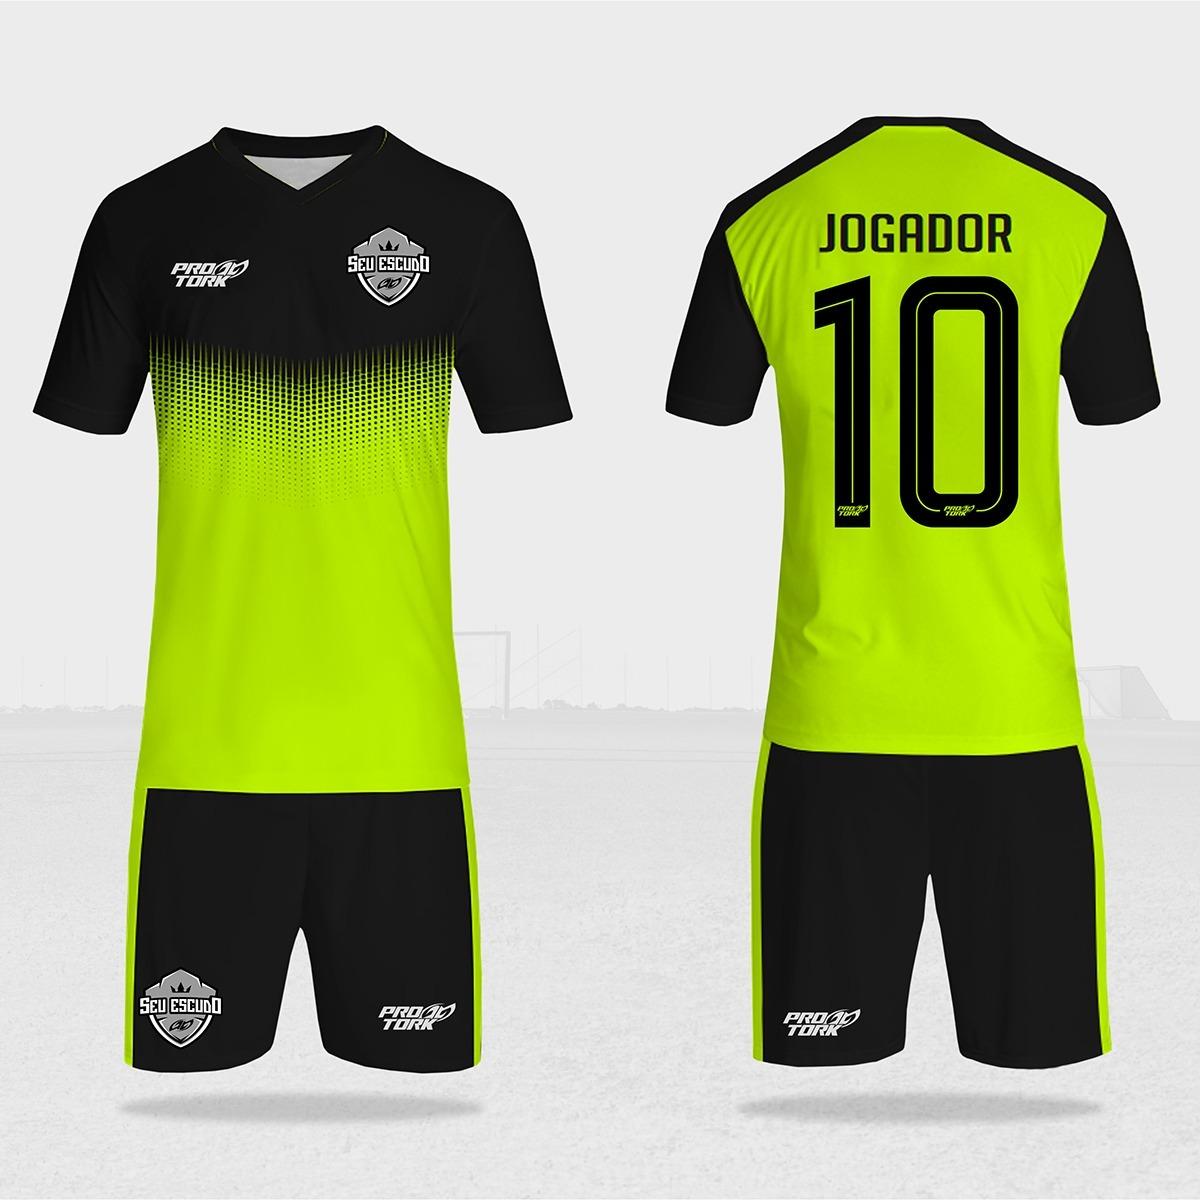 a0965a98b Camisa De Futebol Ou Futsal Personalizada 22un - R  770